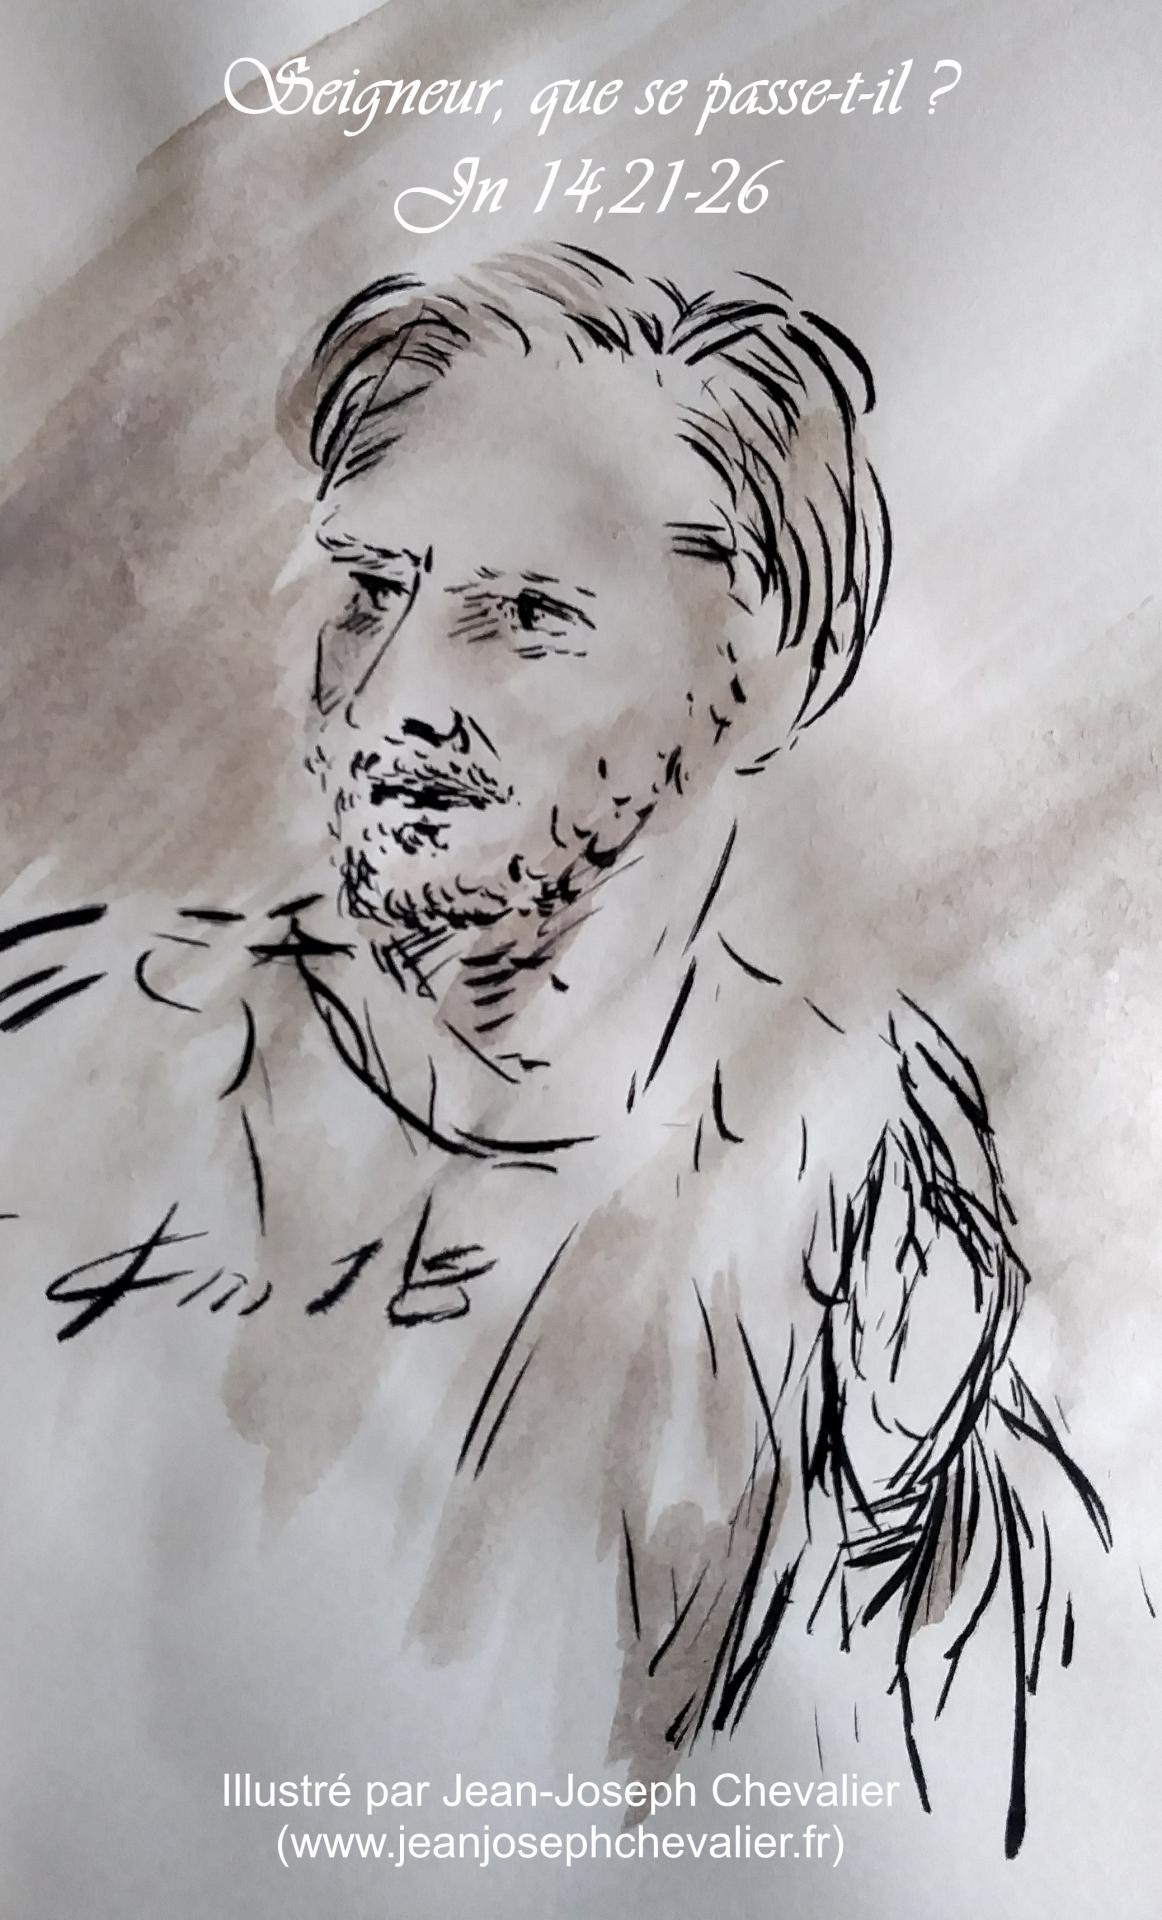 30 avril 2018 evangile du jour illustre par un dessin au lavis de jean joseph chevalier image